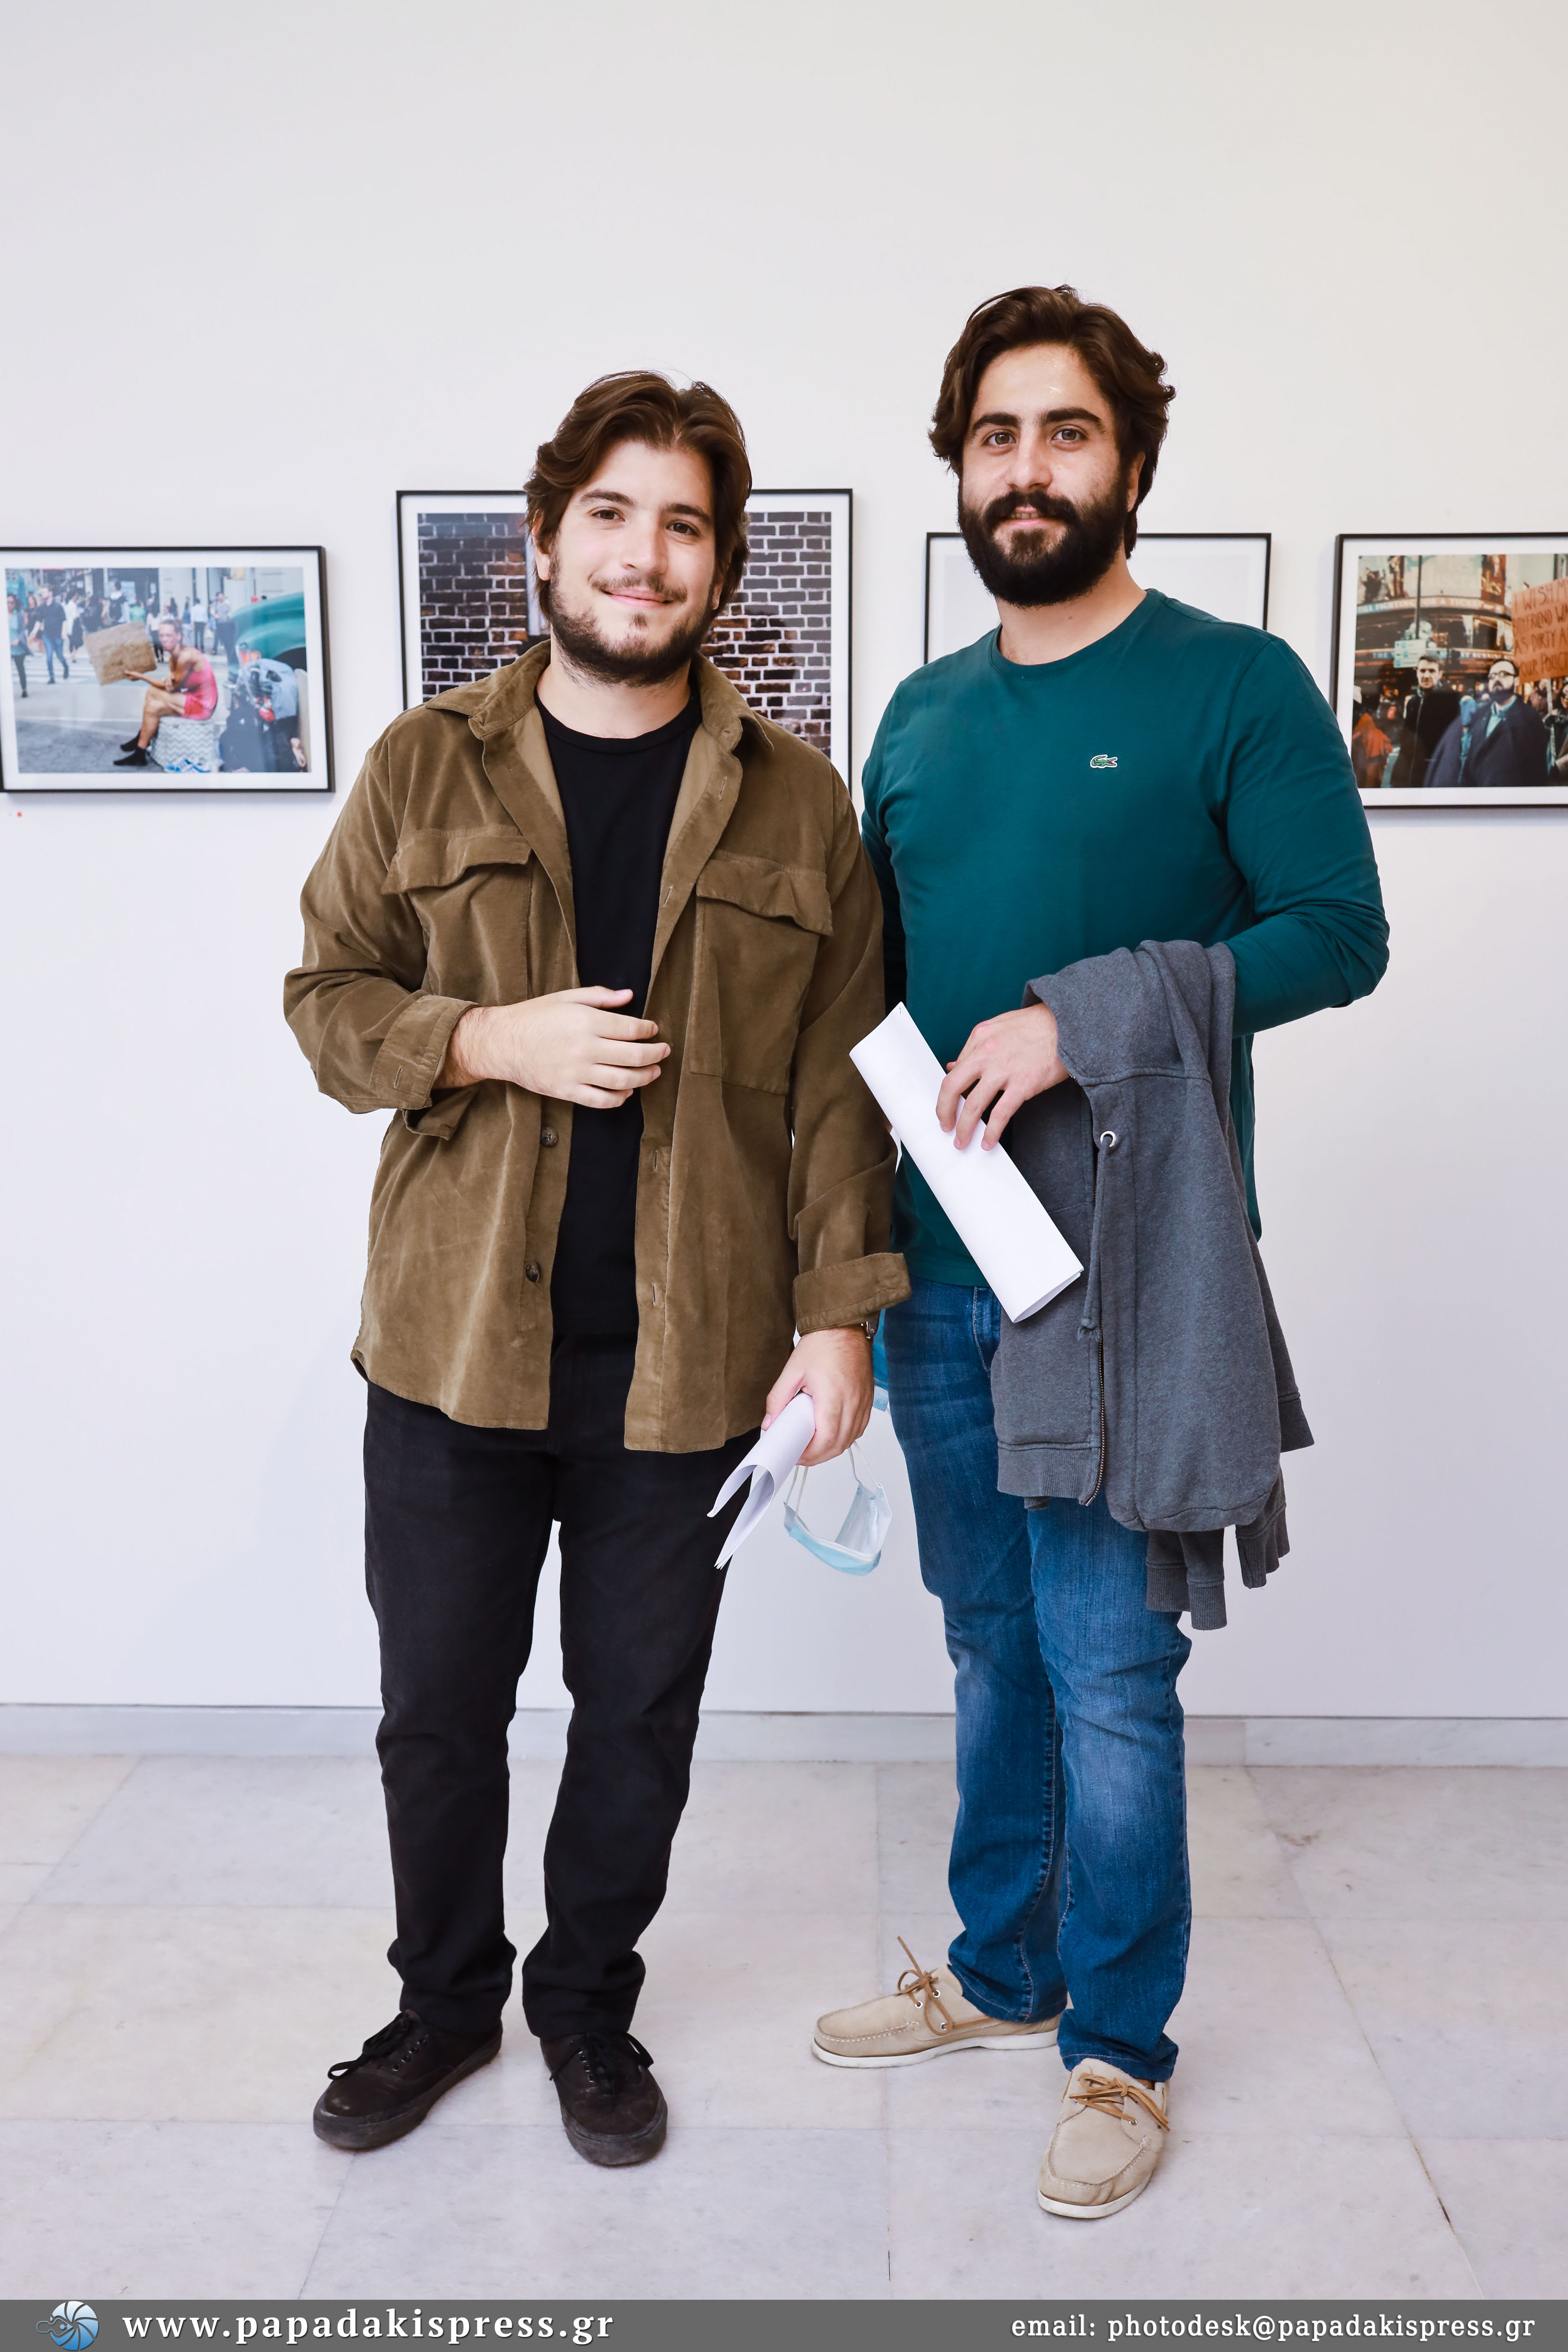 Εγκαίνια της έκθεσης φωτογραφίας «Νόστος & Άλγος» @Γκαλερί Ζουμπουλάκη 23